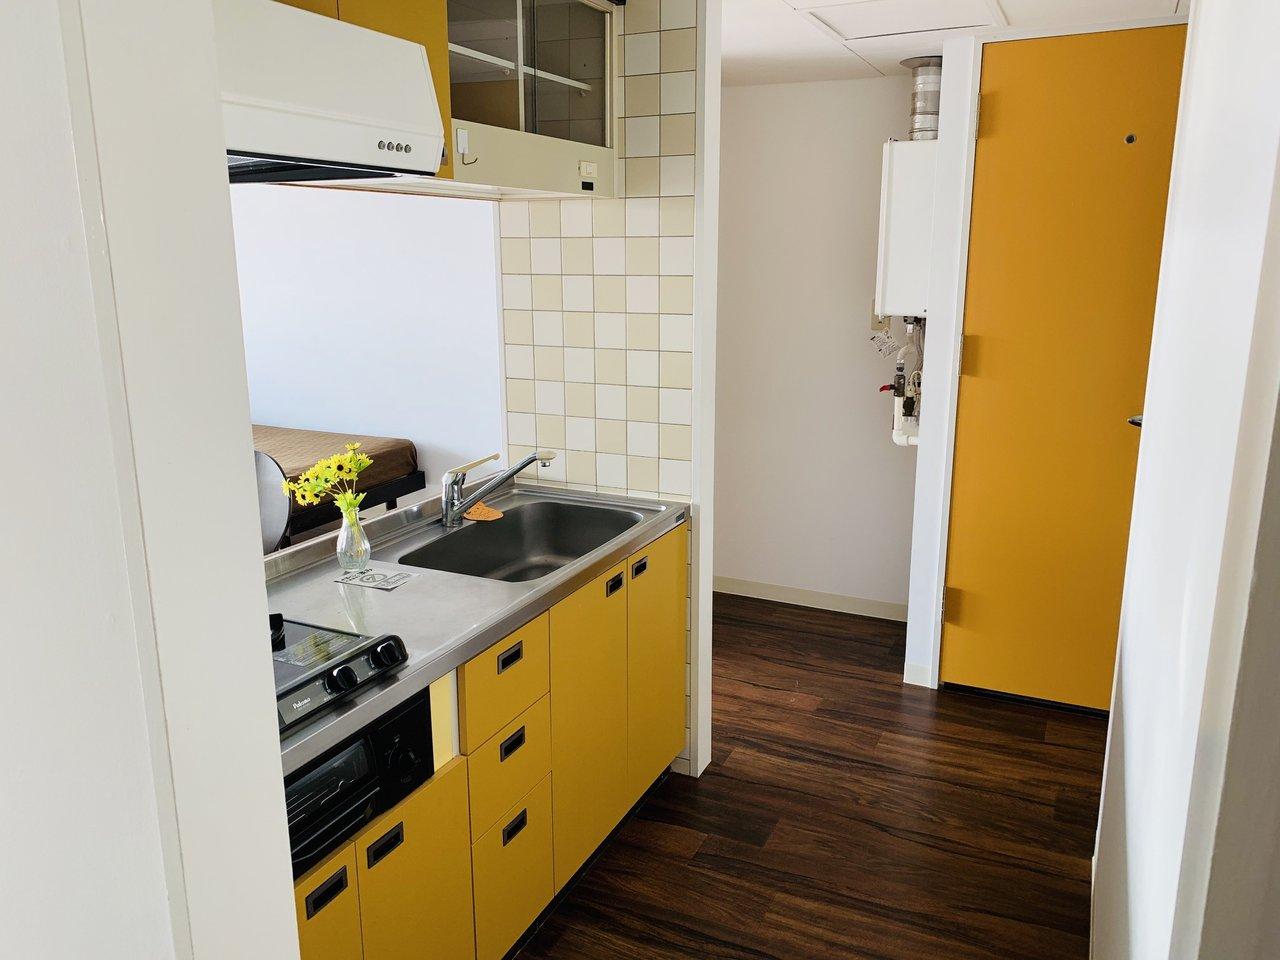 キッチンは黄色で明るいイメージを与えてくれて、スペースもかなり広々。壁面のタイルもかわいいですよね。背面にも棚が設置されているので、食器棚などに活用できそうです。(※家具はサンプルです)